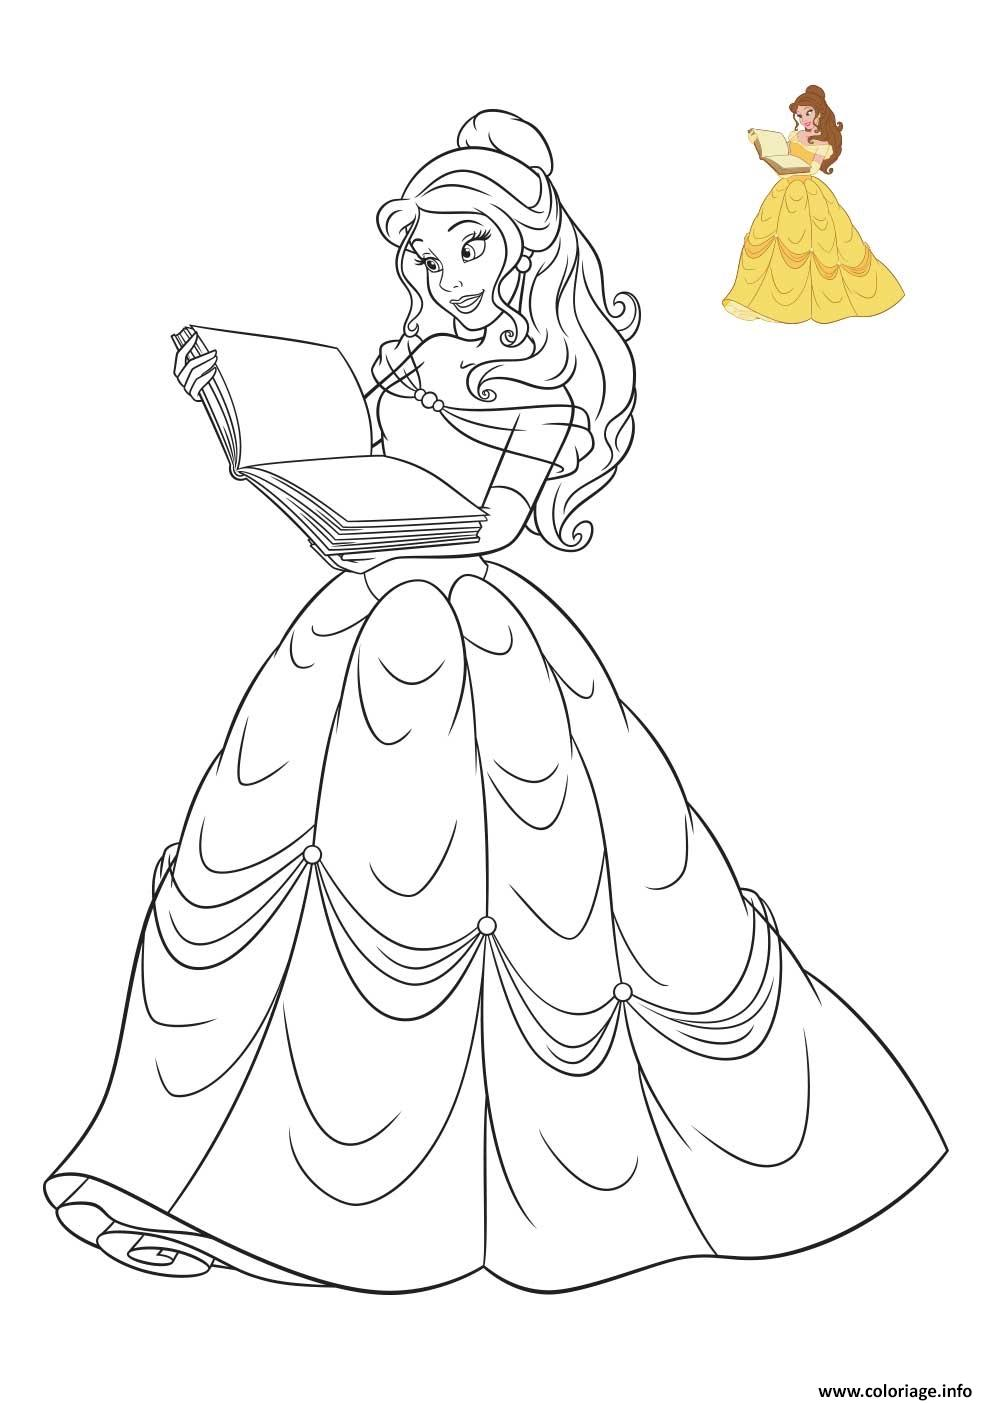 Coloriage Princesse Disney La Belle et la Bete - JeColorie.com